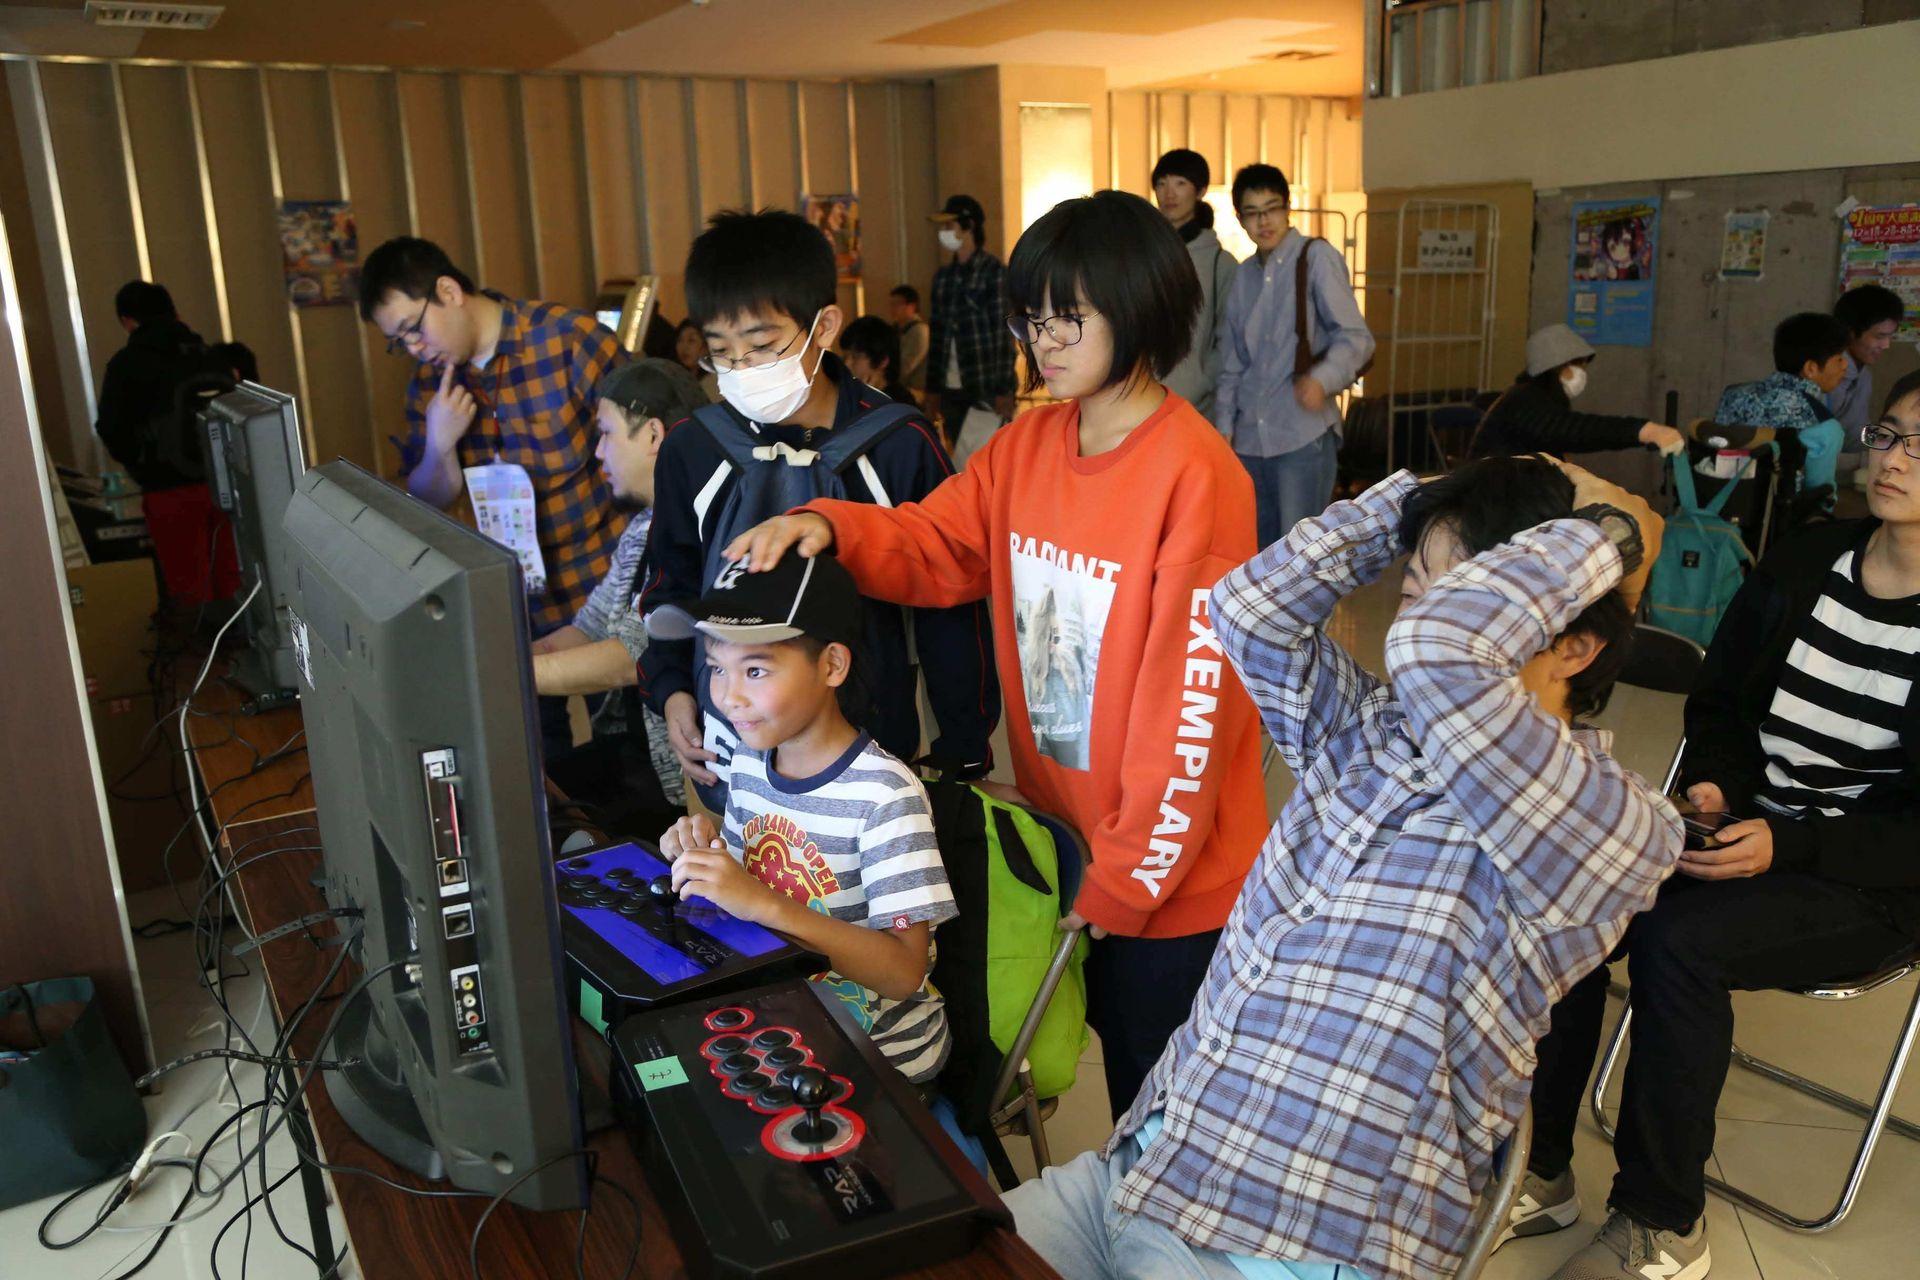 ゲームセンターの無い今、子供達にはアーケード筐体は新鮮に映ったかもしれない